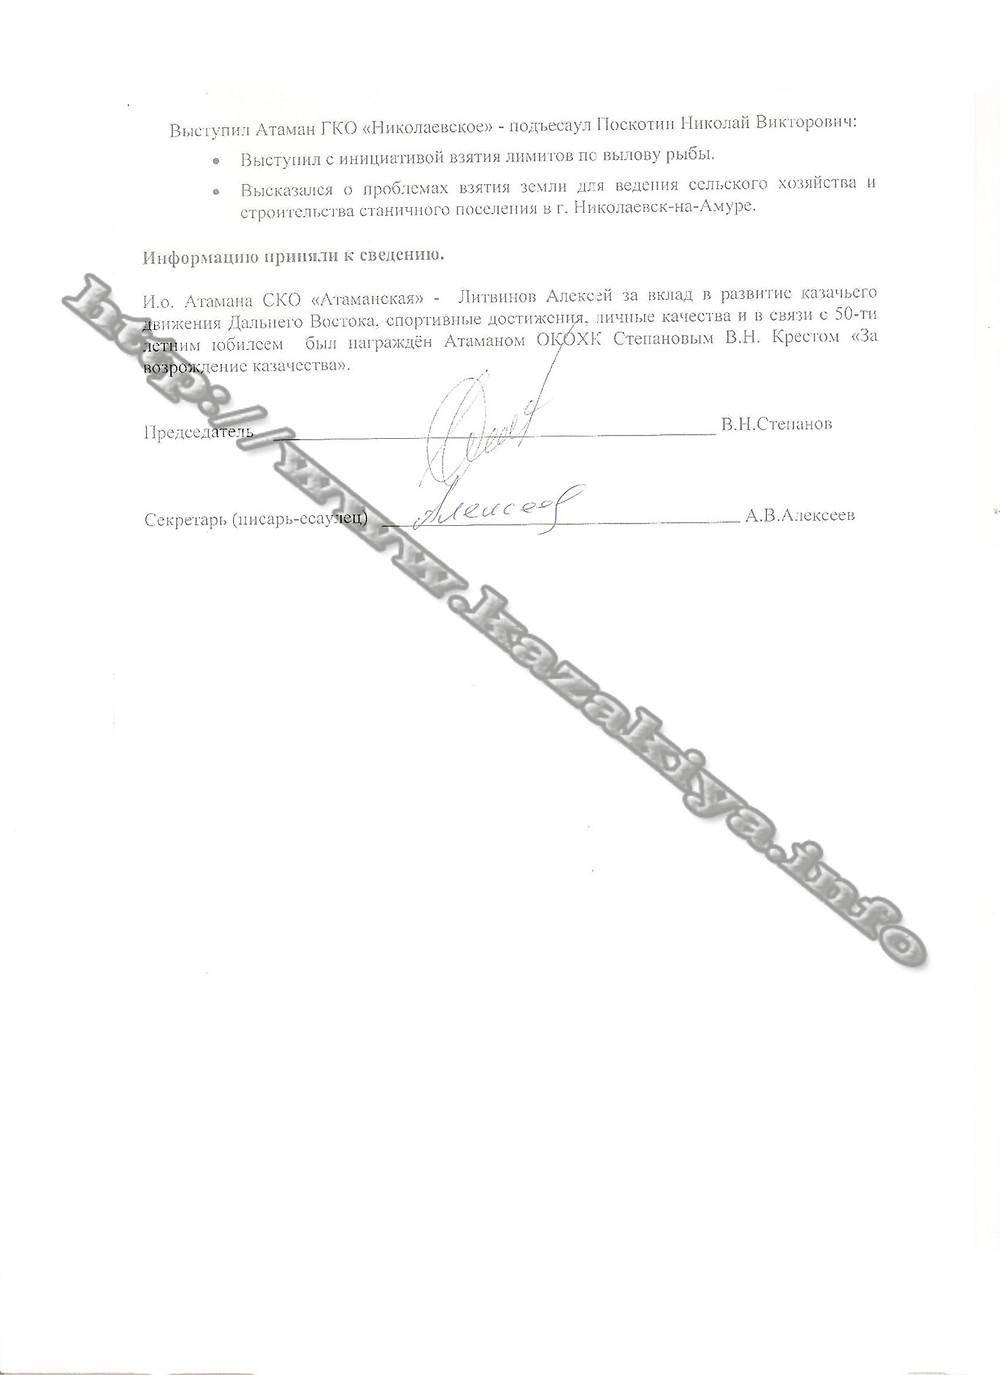 Протокол-Совета-Атаманов-ОКОХК-20.08.14-страница5.jpg